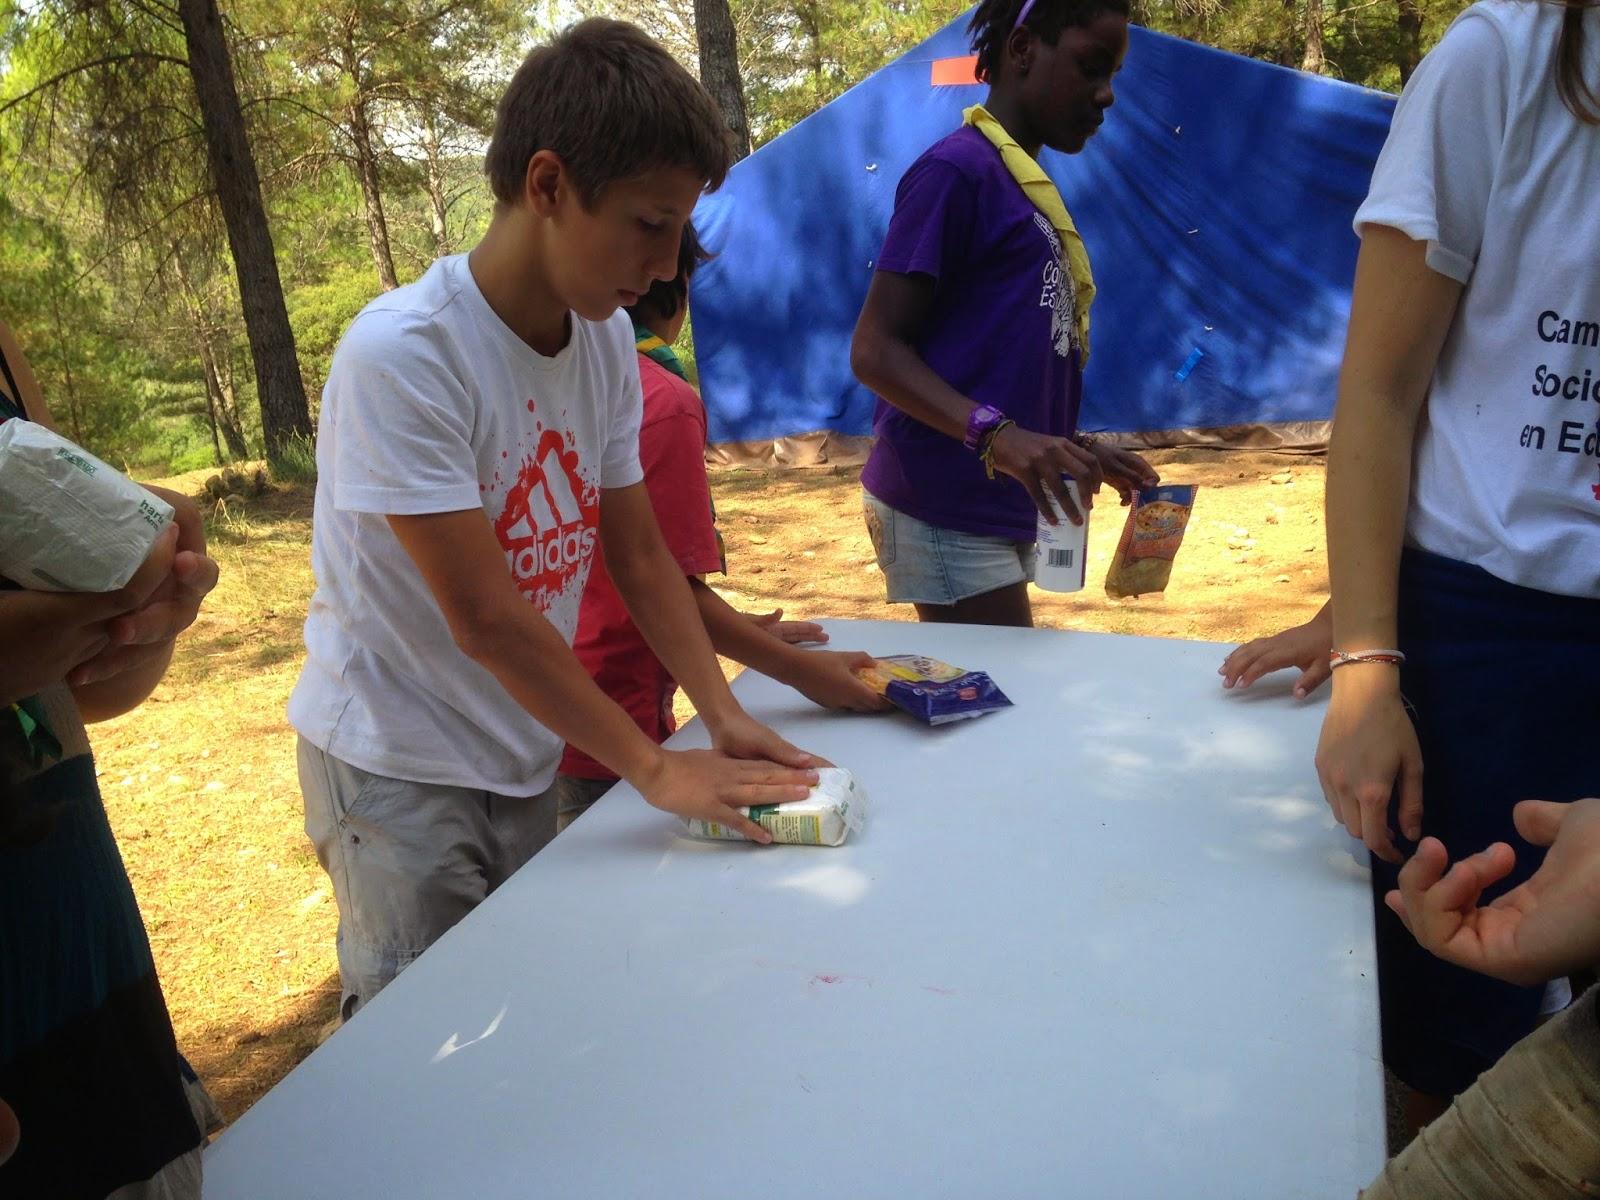 Campaments Estiu Cabanelles 2014 - IMG_0200%2B1.JPG